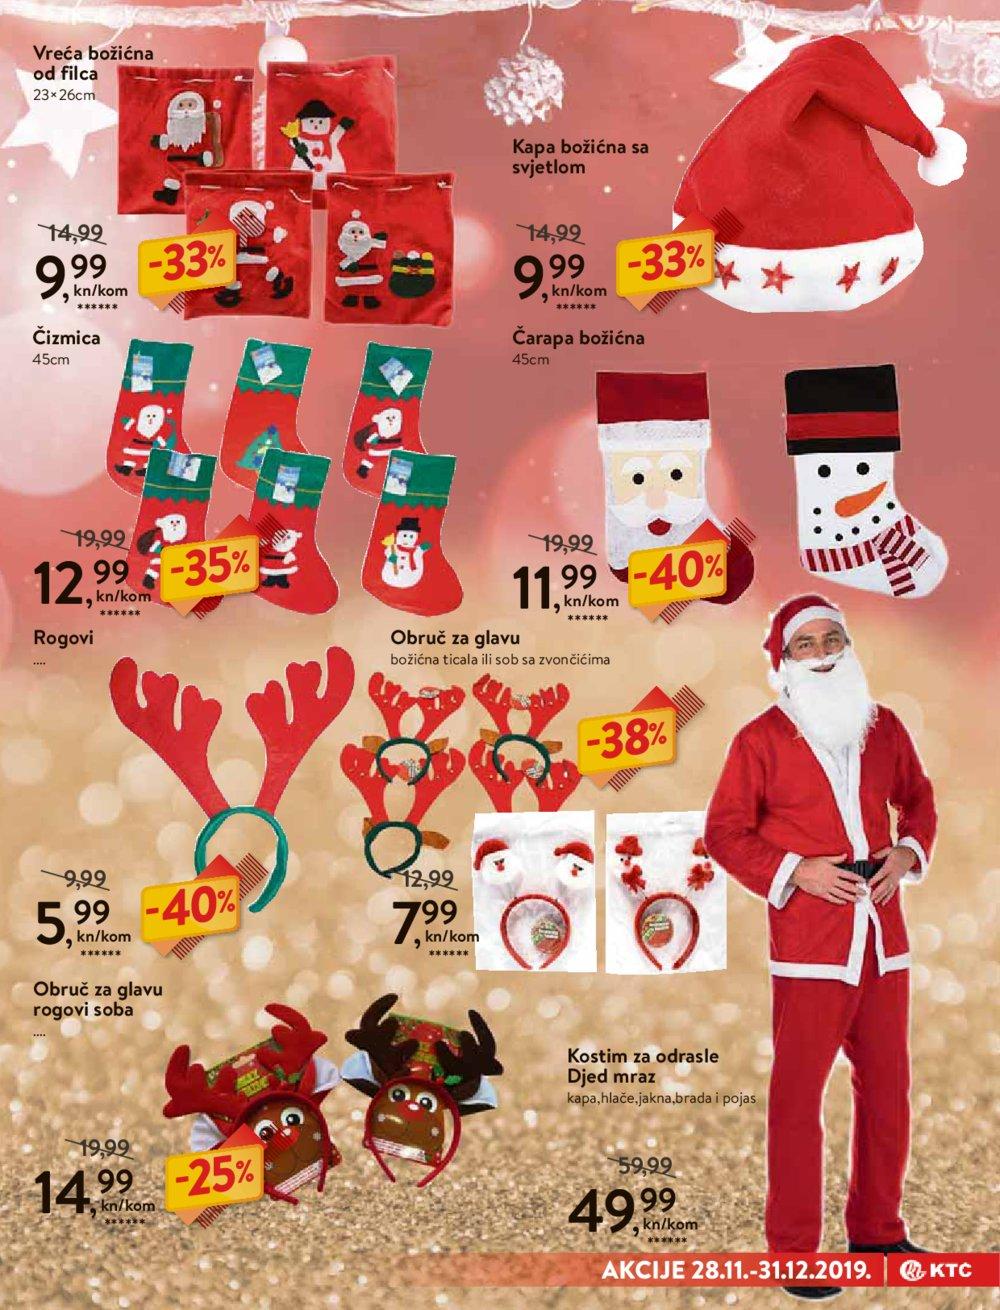 KTC katalog Božićne dekoracije i tekstil 28.11.-31.12.2019.